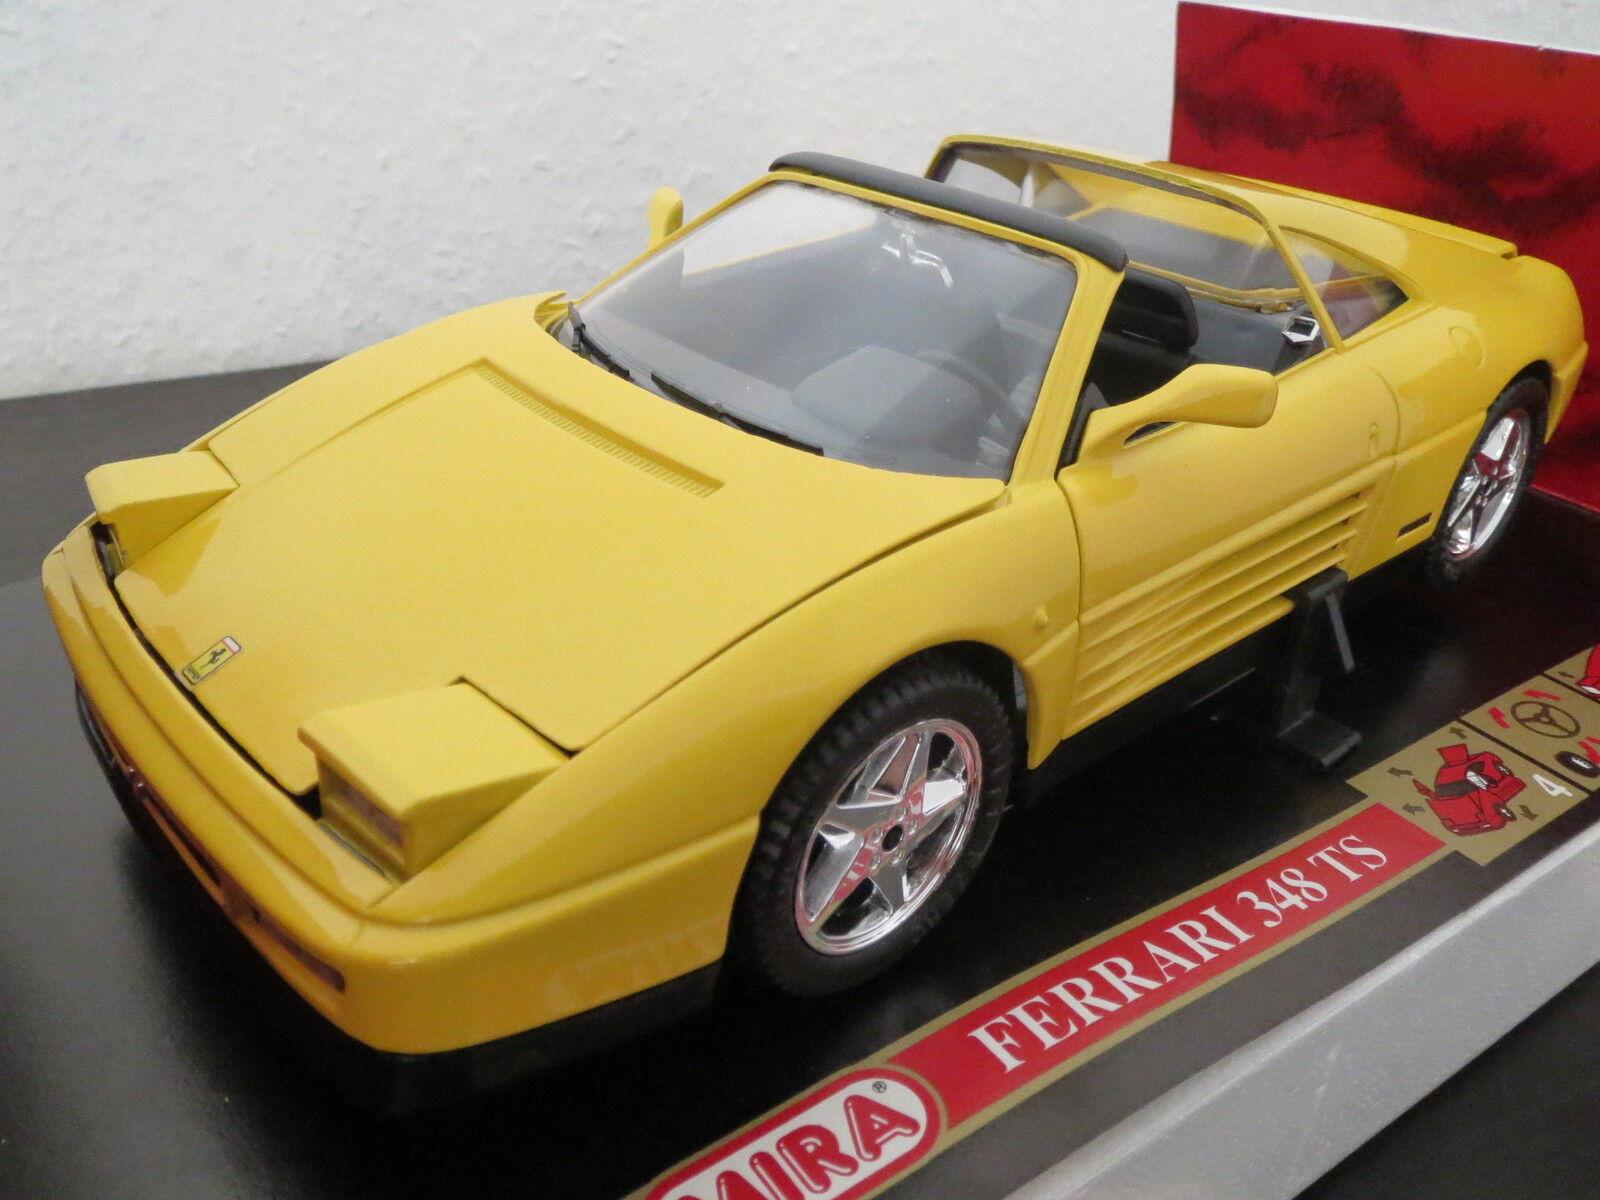 Rar  Mira Ferrari 348 ts, jaune, 1 18, neufs, top en OVP